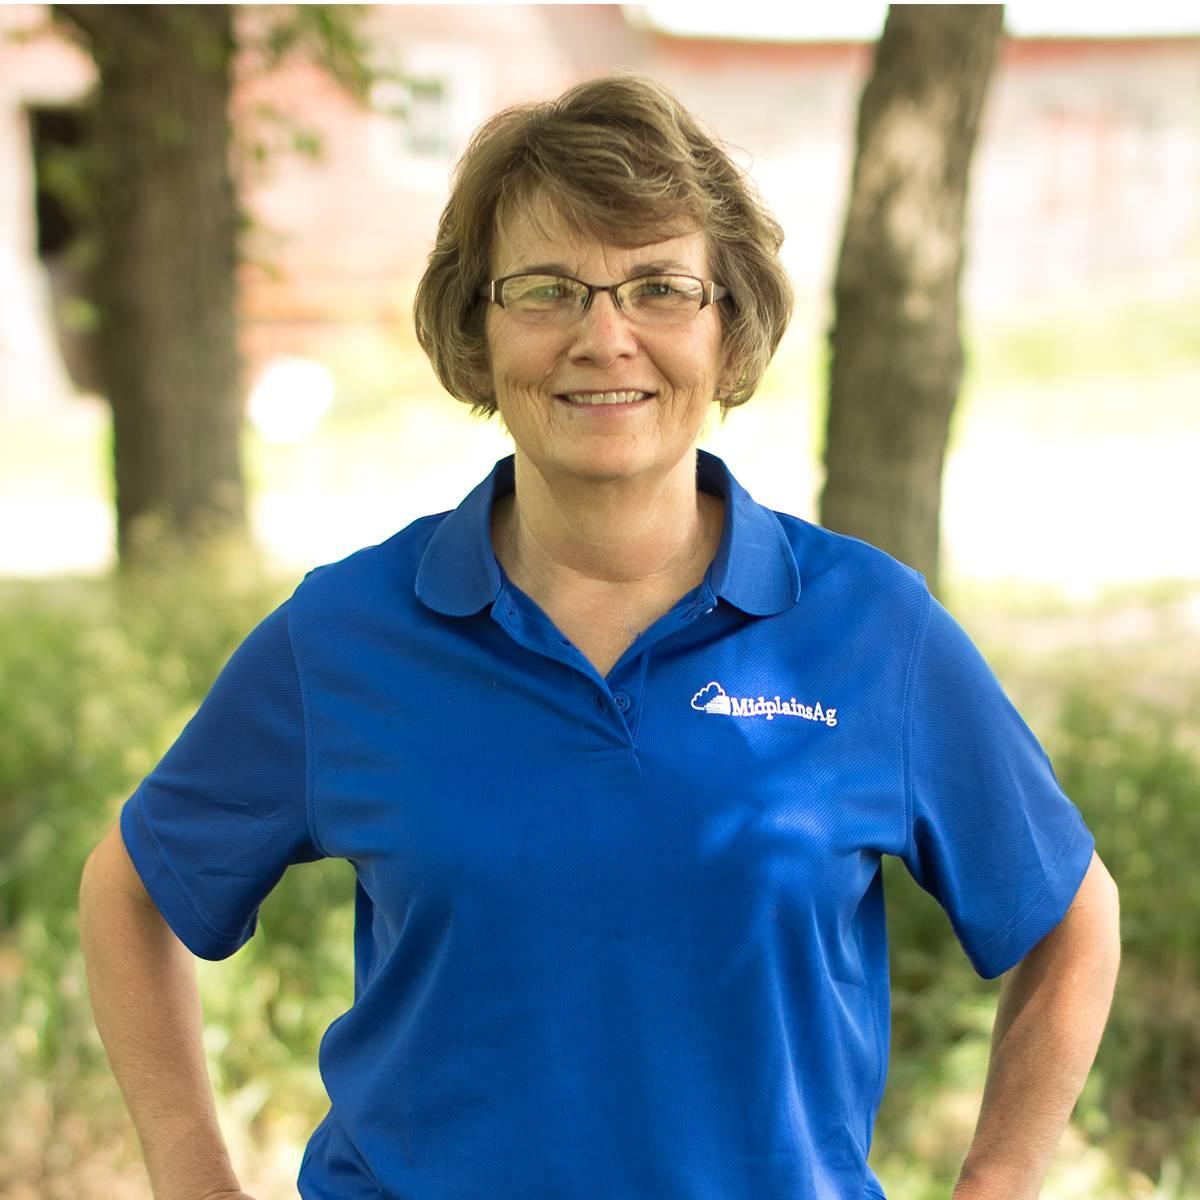 Donna Uhrenholdt | Insurance Rep/Realtor | Midplains Ag